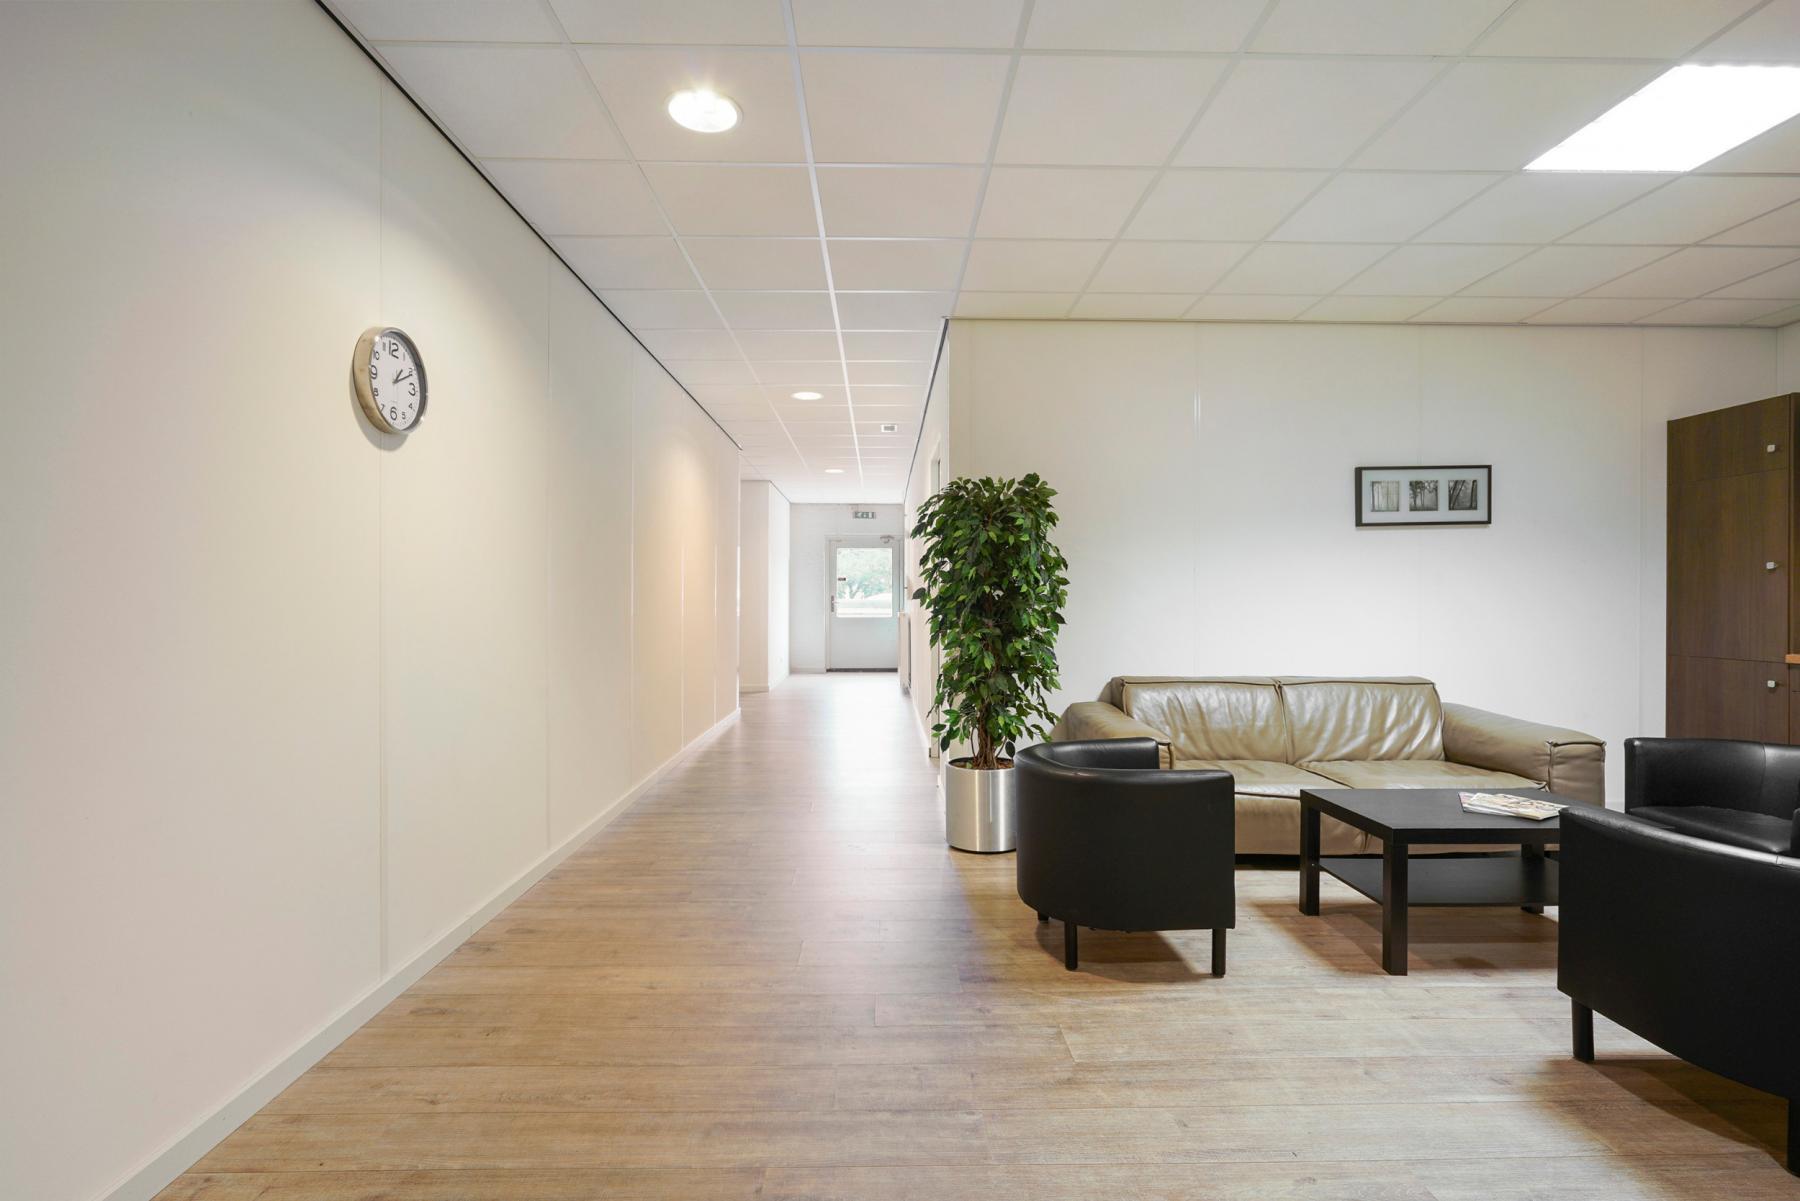 Rent office space Jules de Beerstraat 14, Tilburg (8)